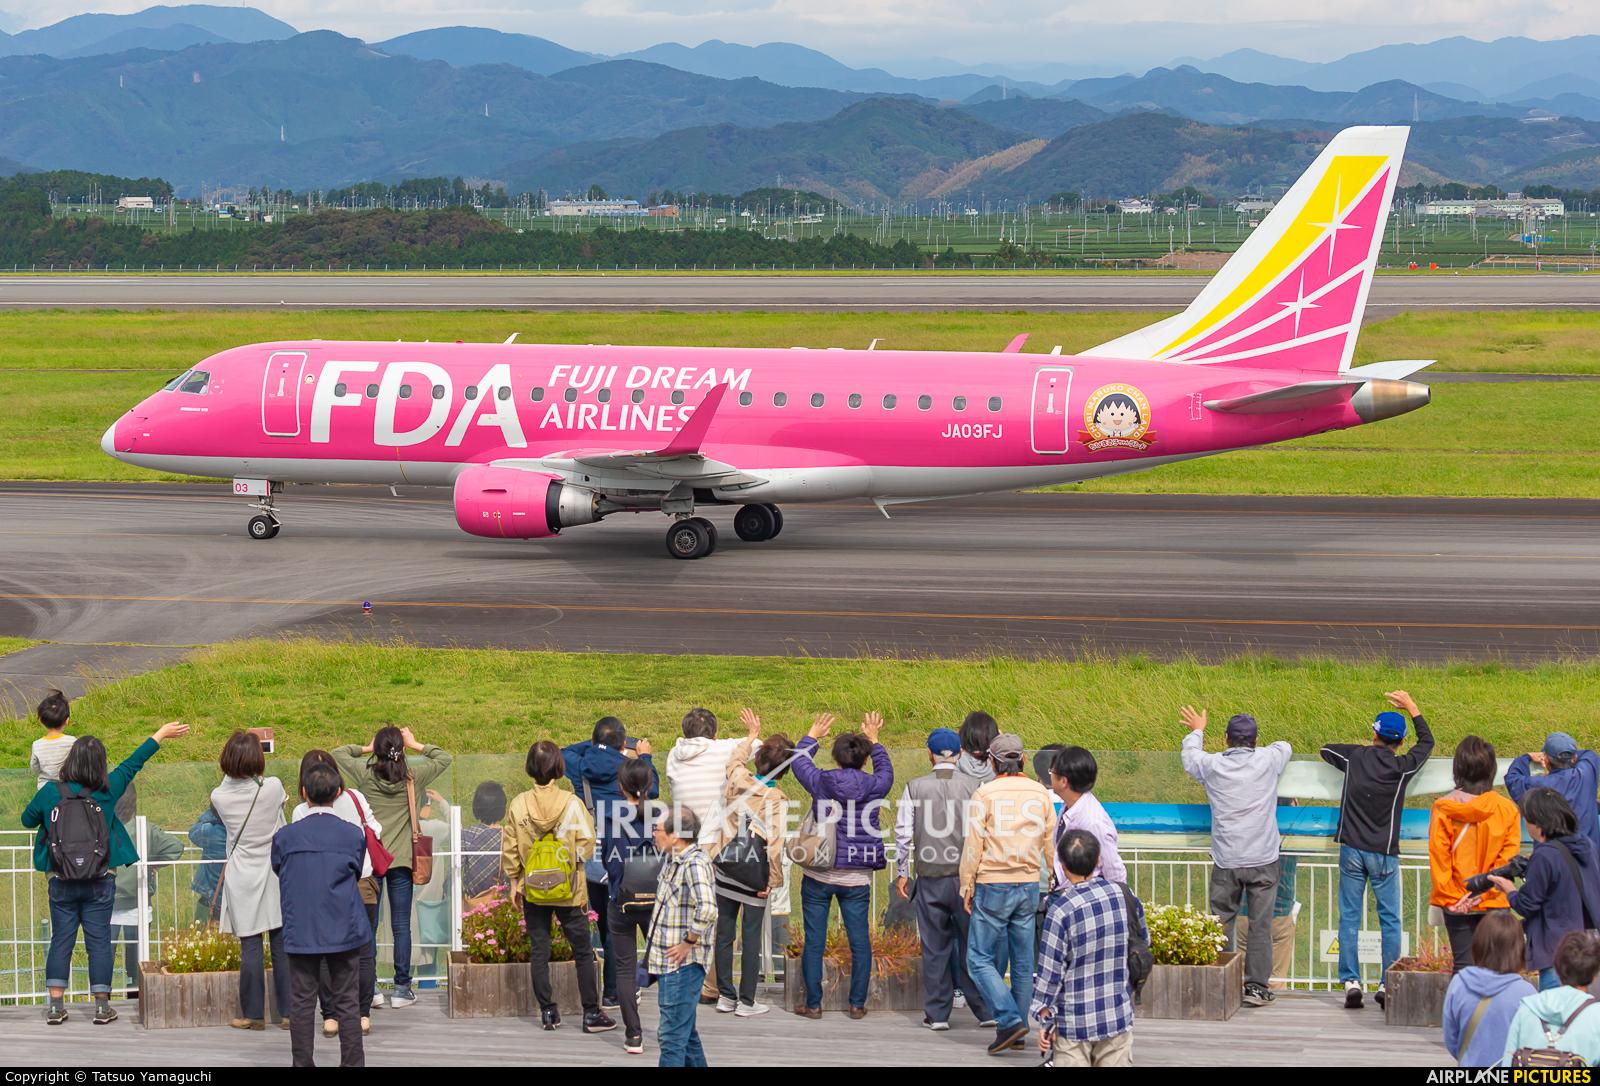 Fuji Dream Airlines JA03FJ aircraft at Shizuoka